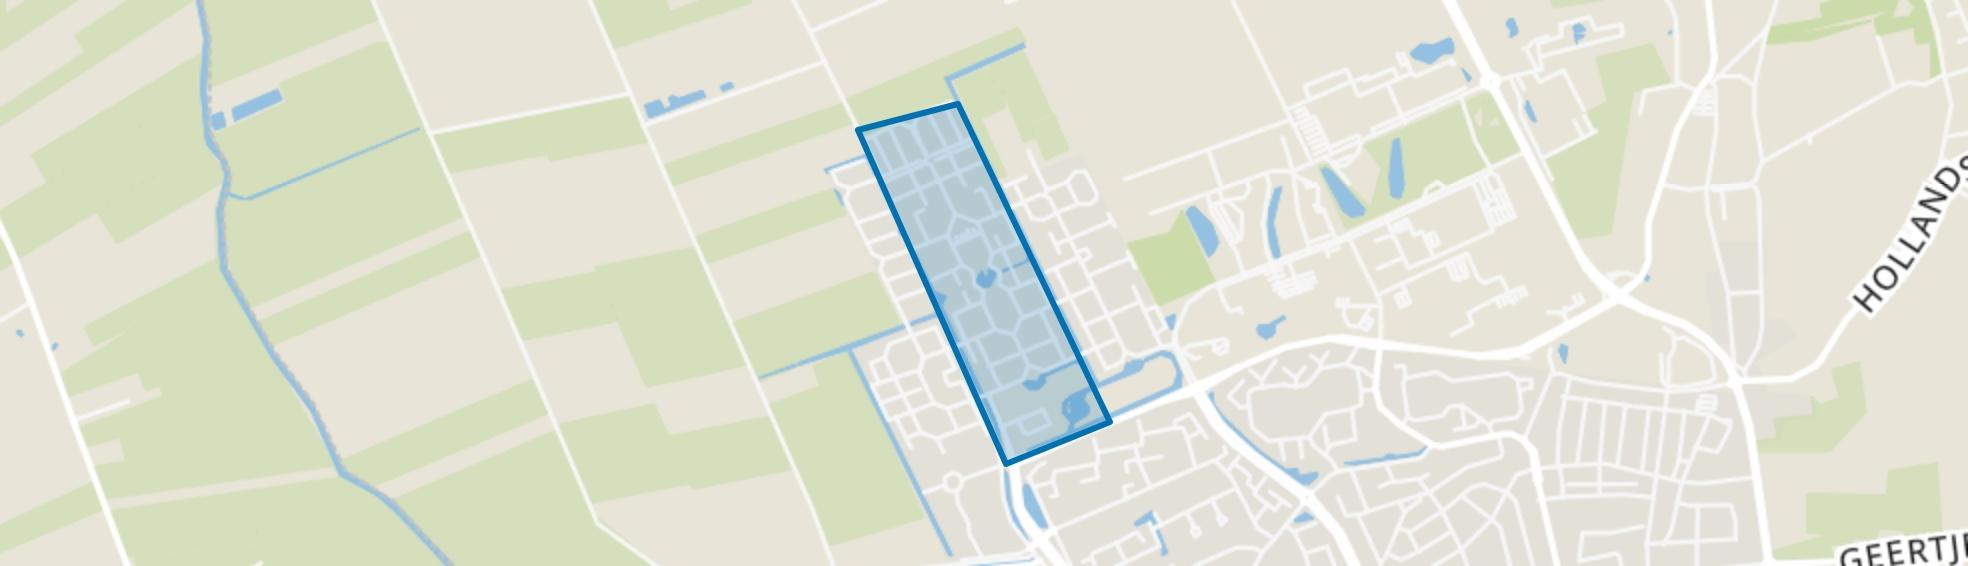 De Hooilanden, Wageningen map